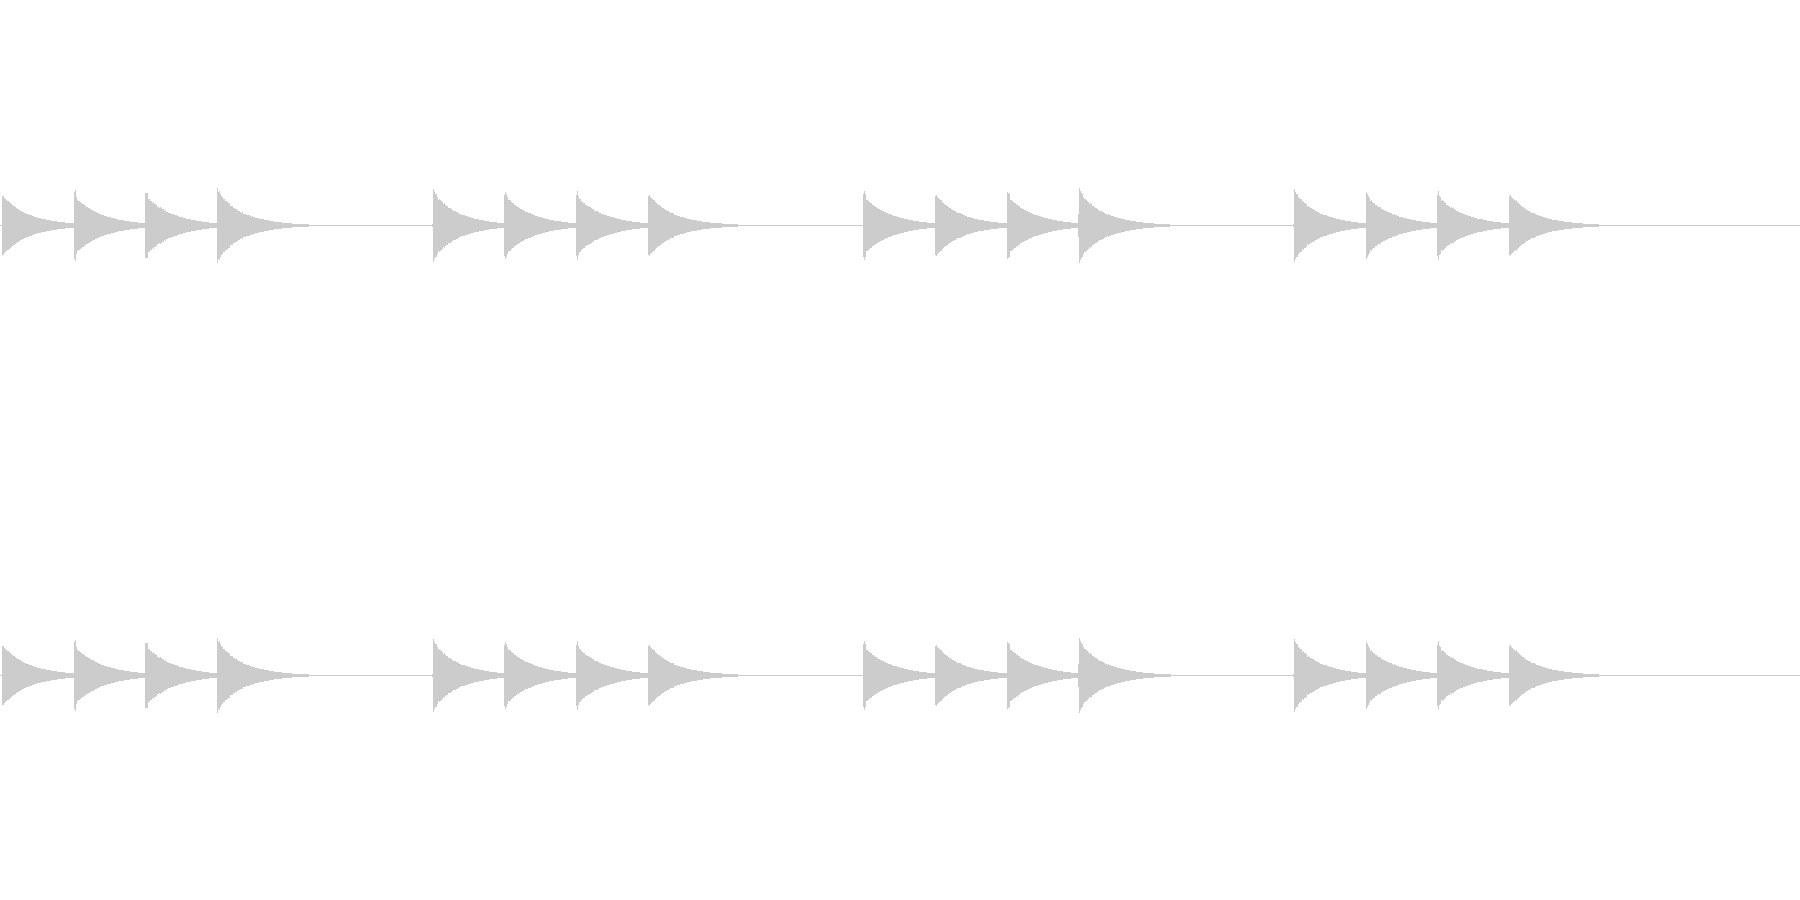 呼び出しチャイム用の未再生の波形